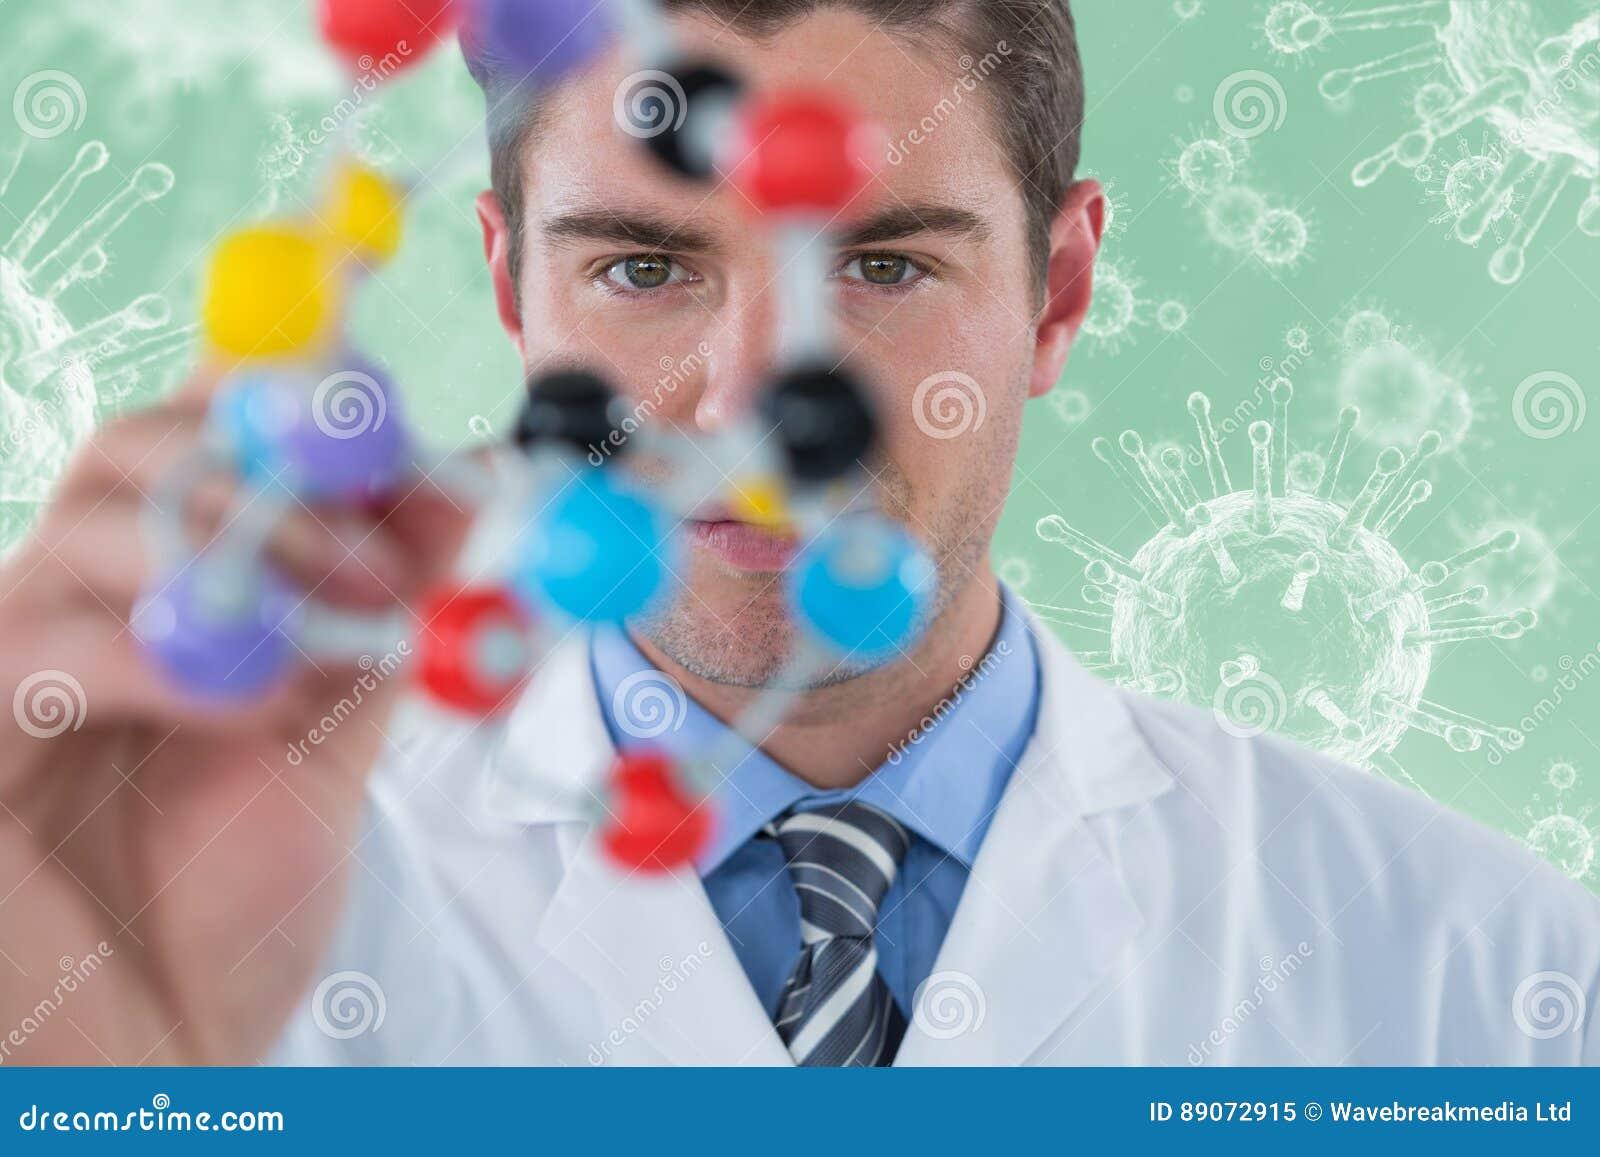 Σύνθετη εικόνα της νέας δομής μορίων επιστημόνων πειραματιμένος τρισδιάστατης